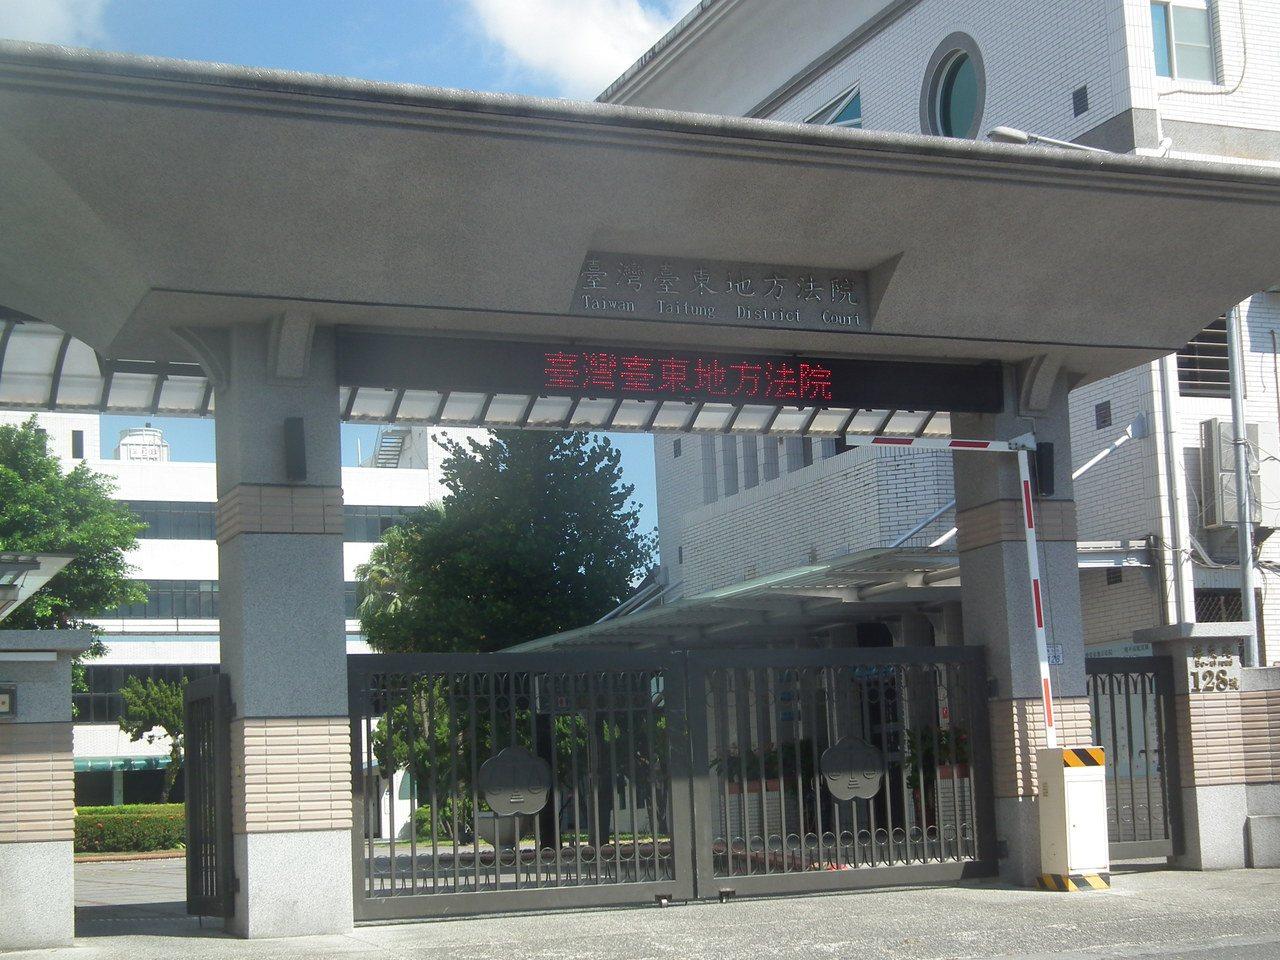 台東一名古姓男子多次性侵猥褻女童,法官重判14年。圖/本報資料照片